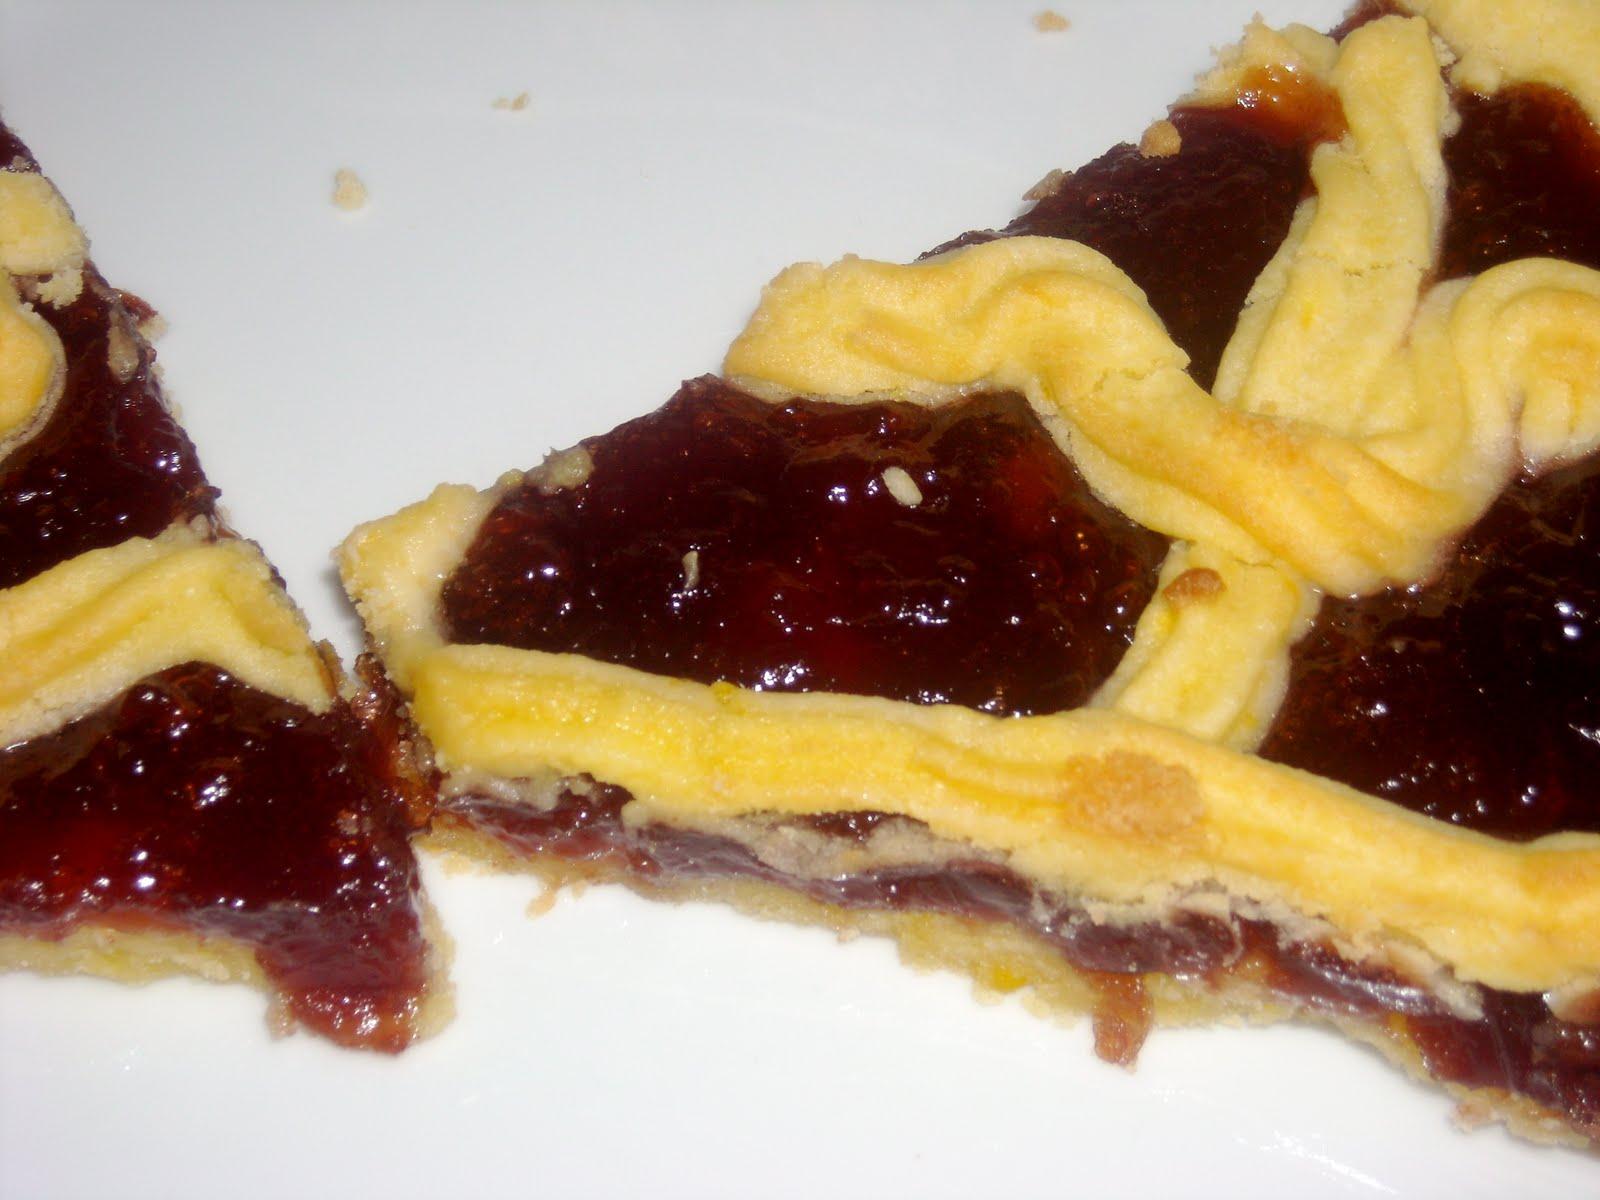 Torte Da Credenza Montersino : Pasta frolla luca montersino il ricettario timo e lavanda